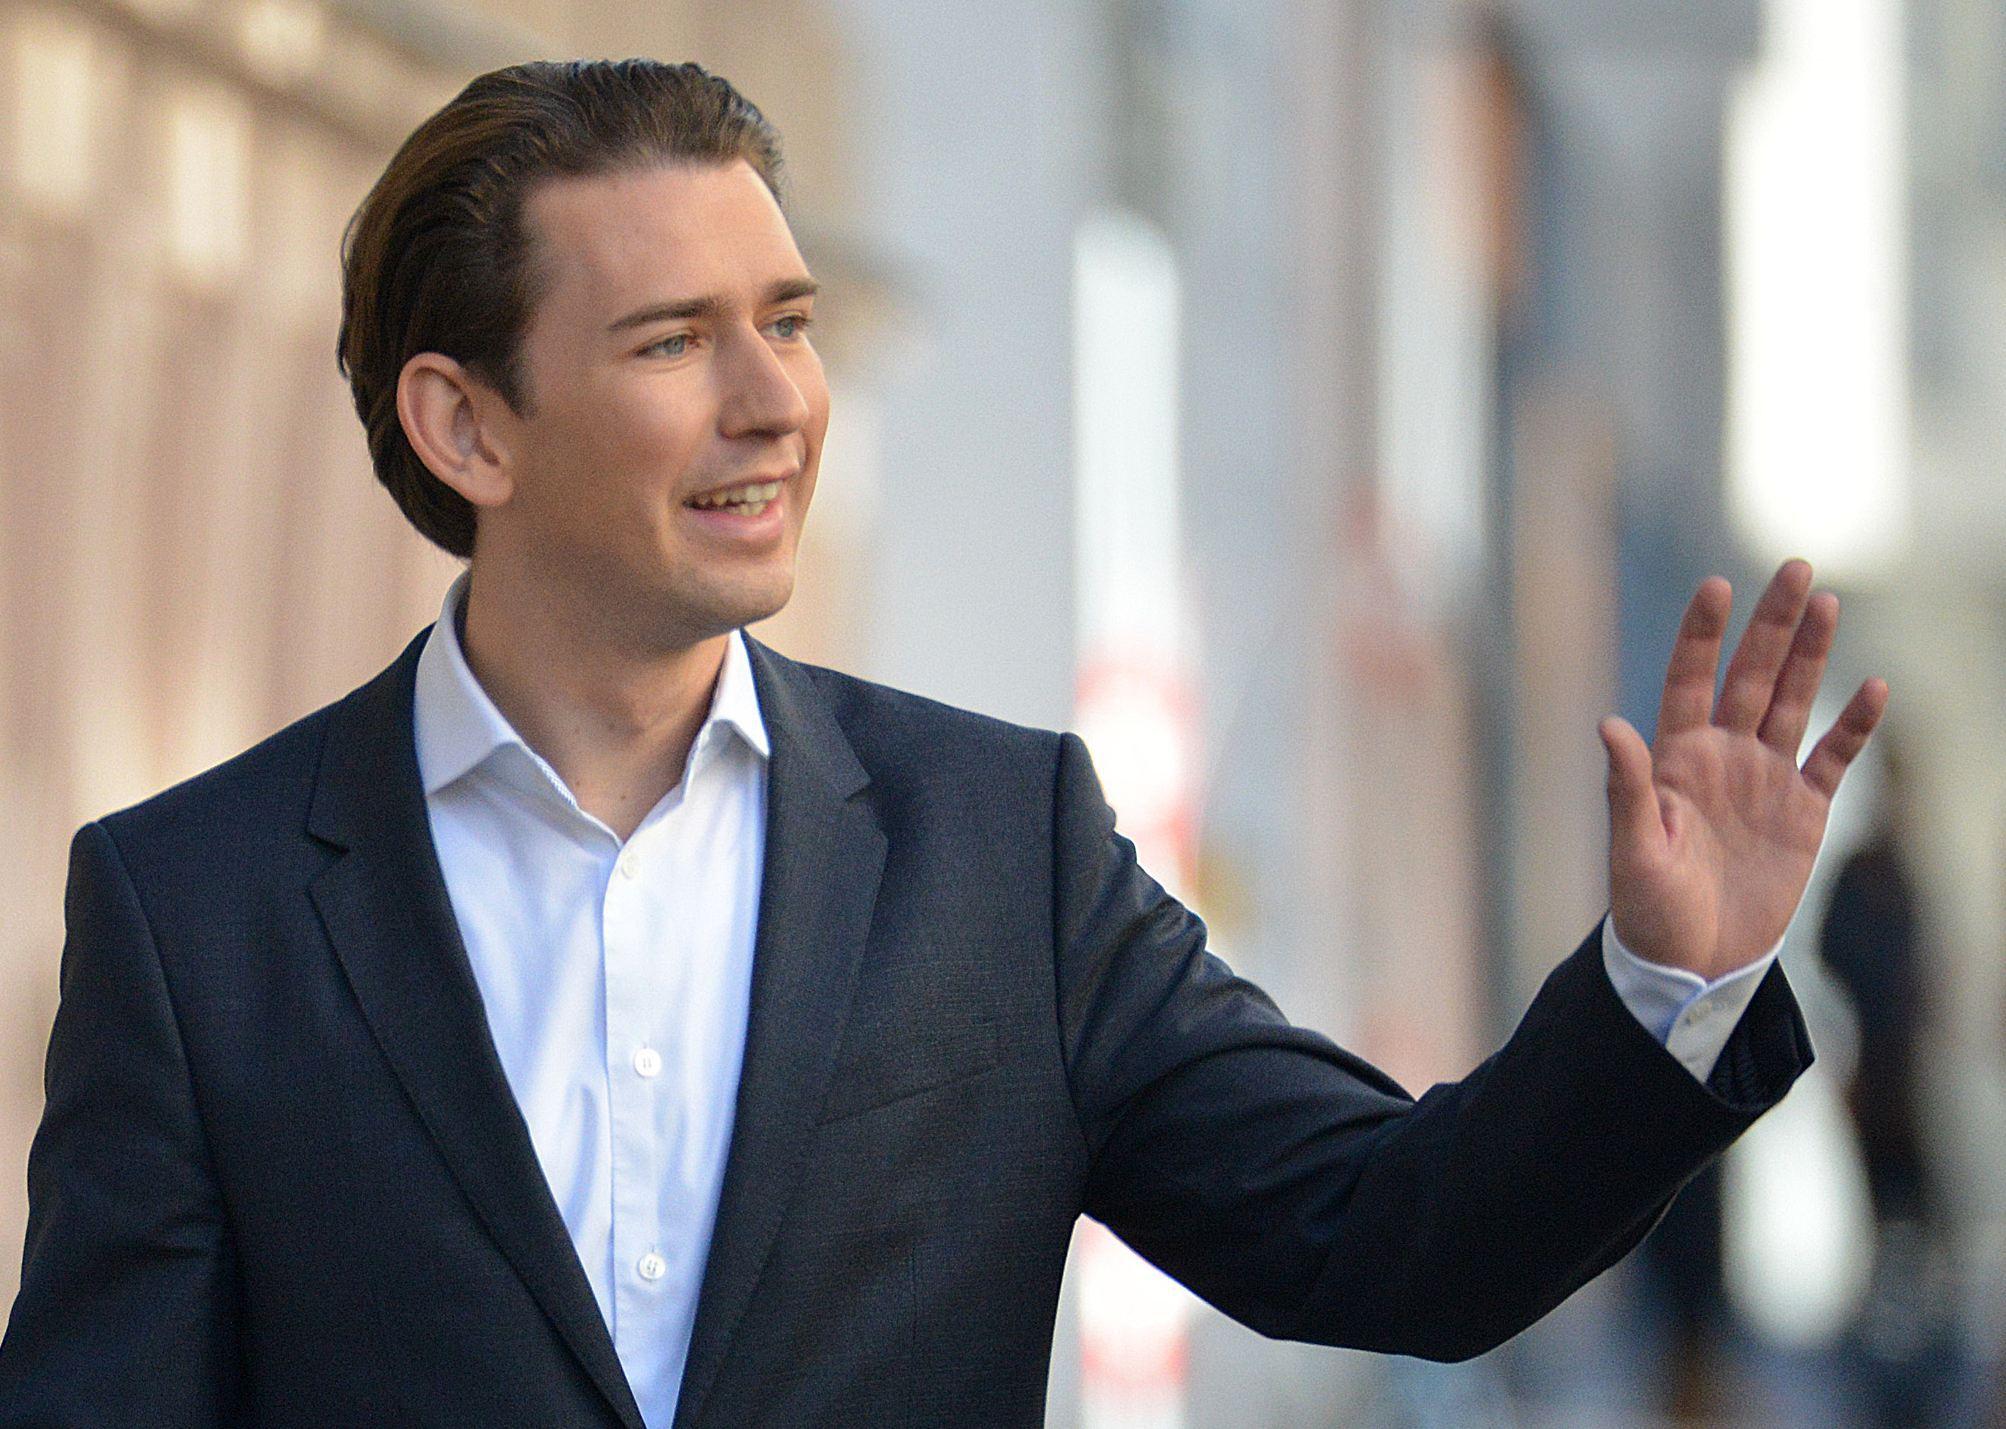 ALEGERILE din Austria | Sebastian Kurz: Negocierile pentru formarea guvernului ar trebui să se încheie în maximum 60 de zile